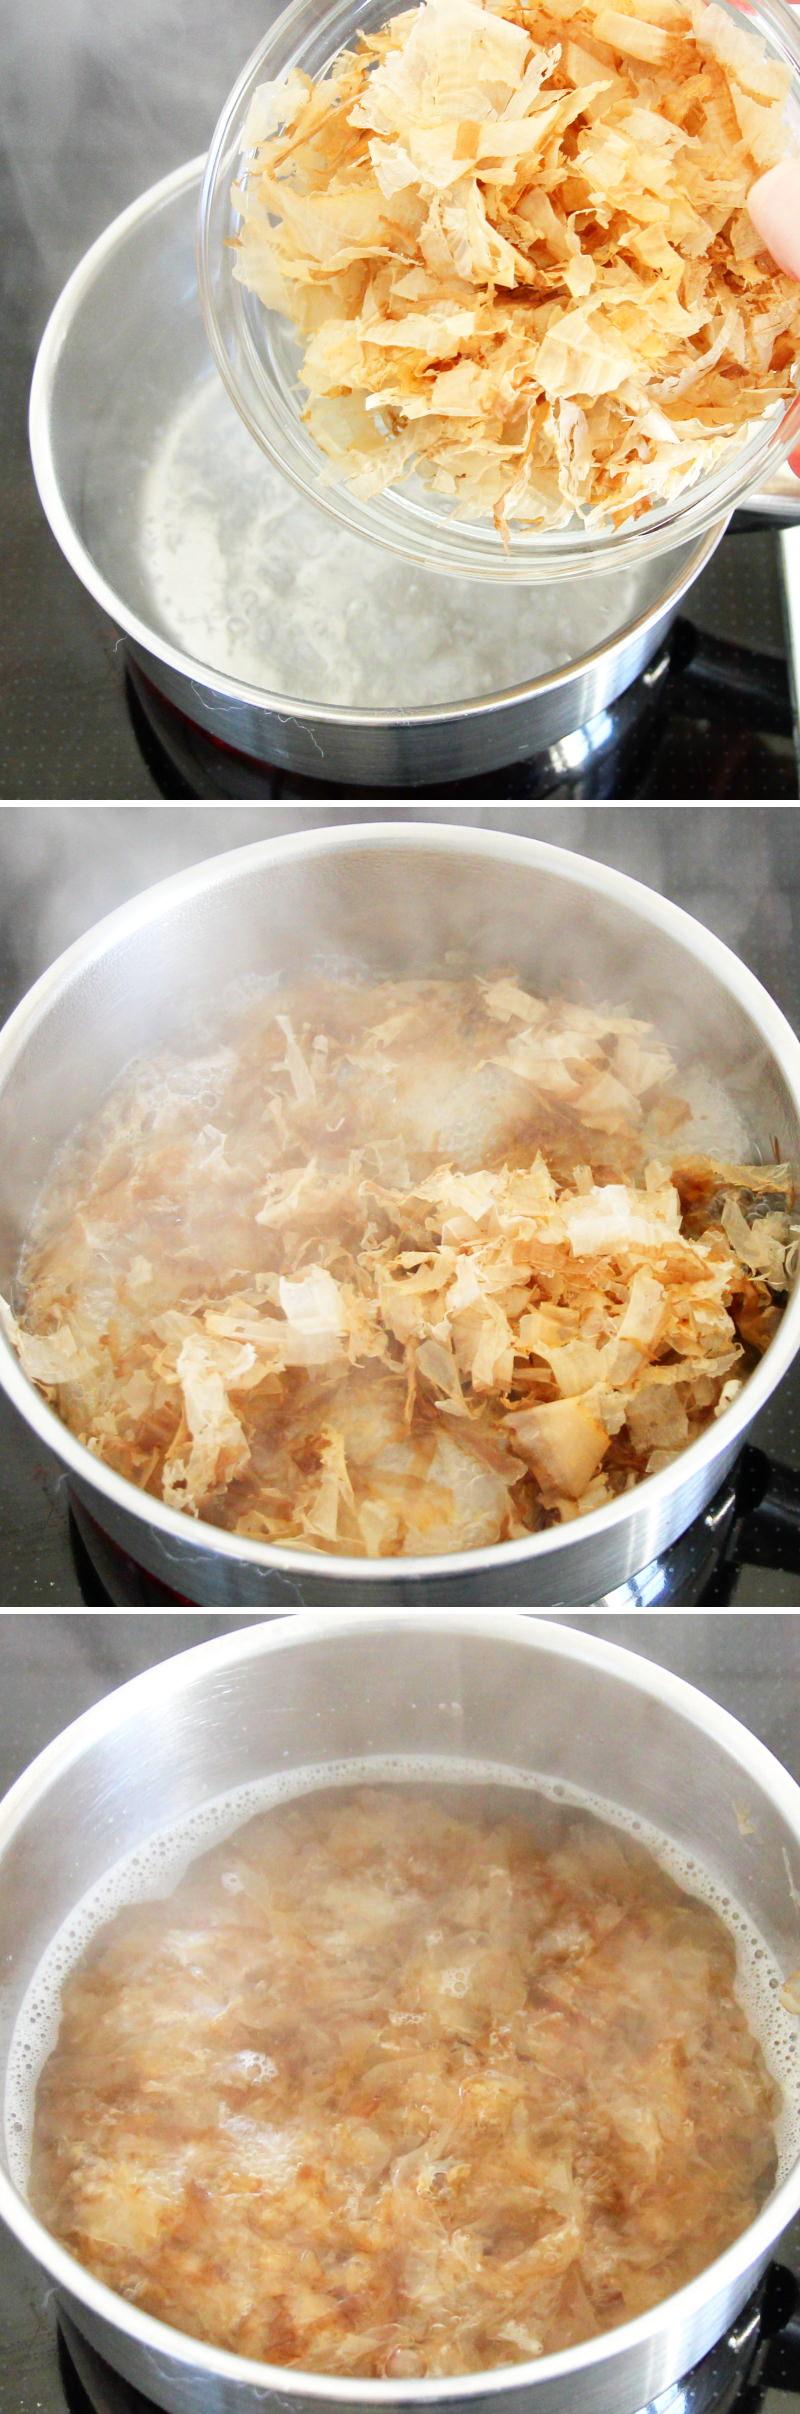 Miso-Suppe mit 3 Zutaten Schritt 2 Brühe kochen